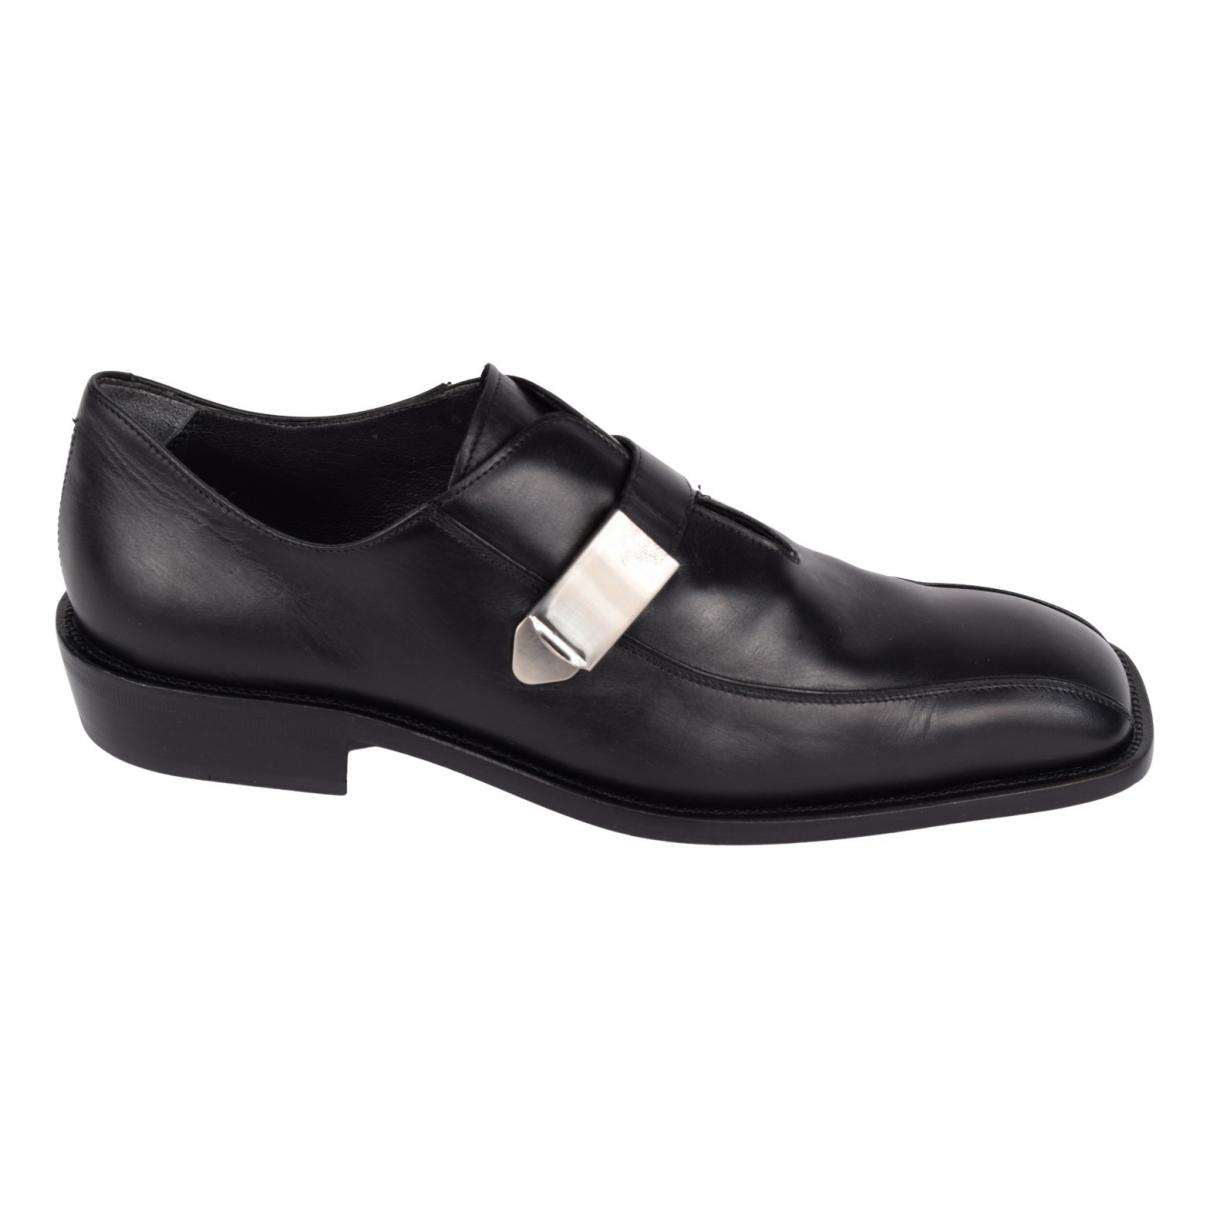 Gianni Versace \N Schnuerschuhe in  Schwarz Leder